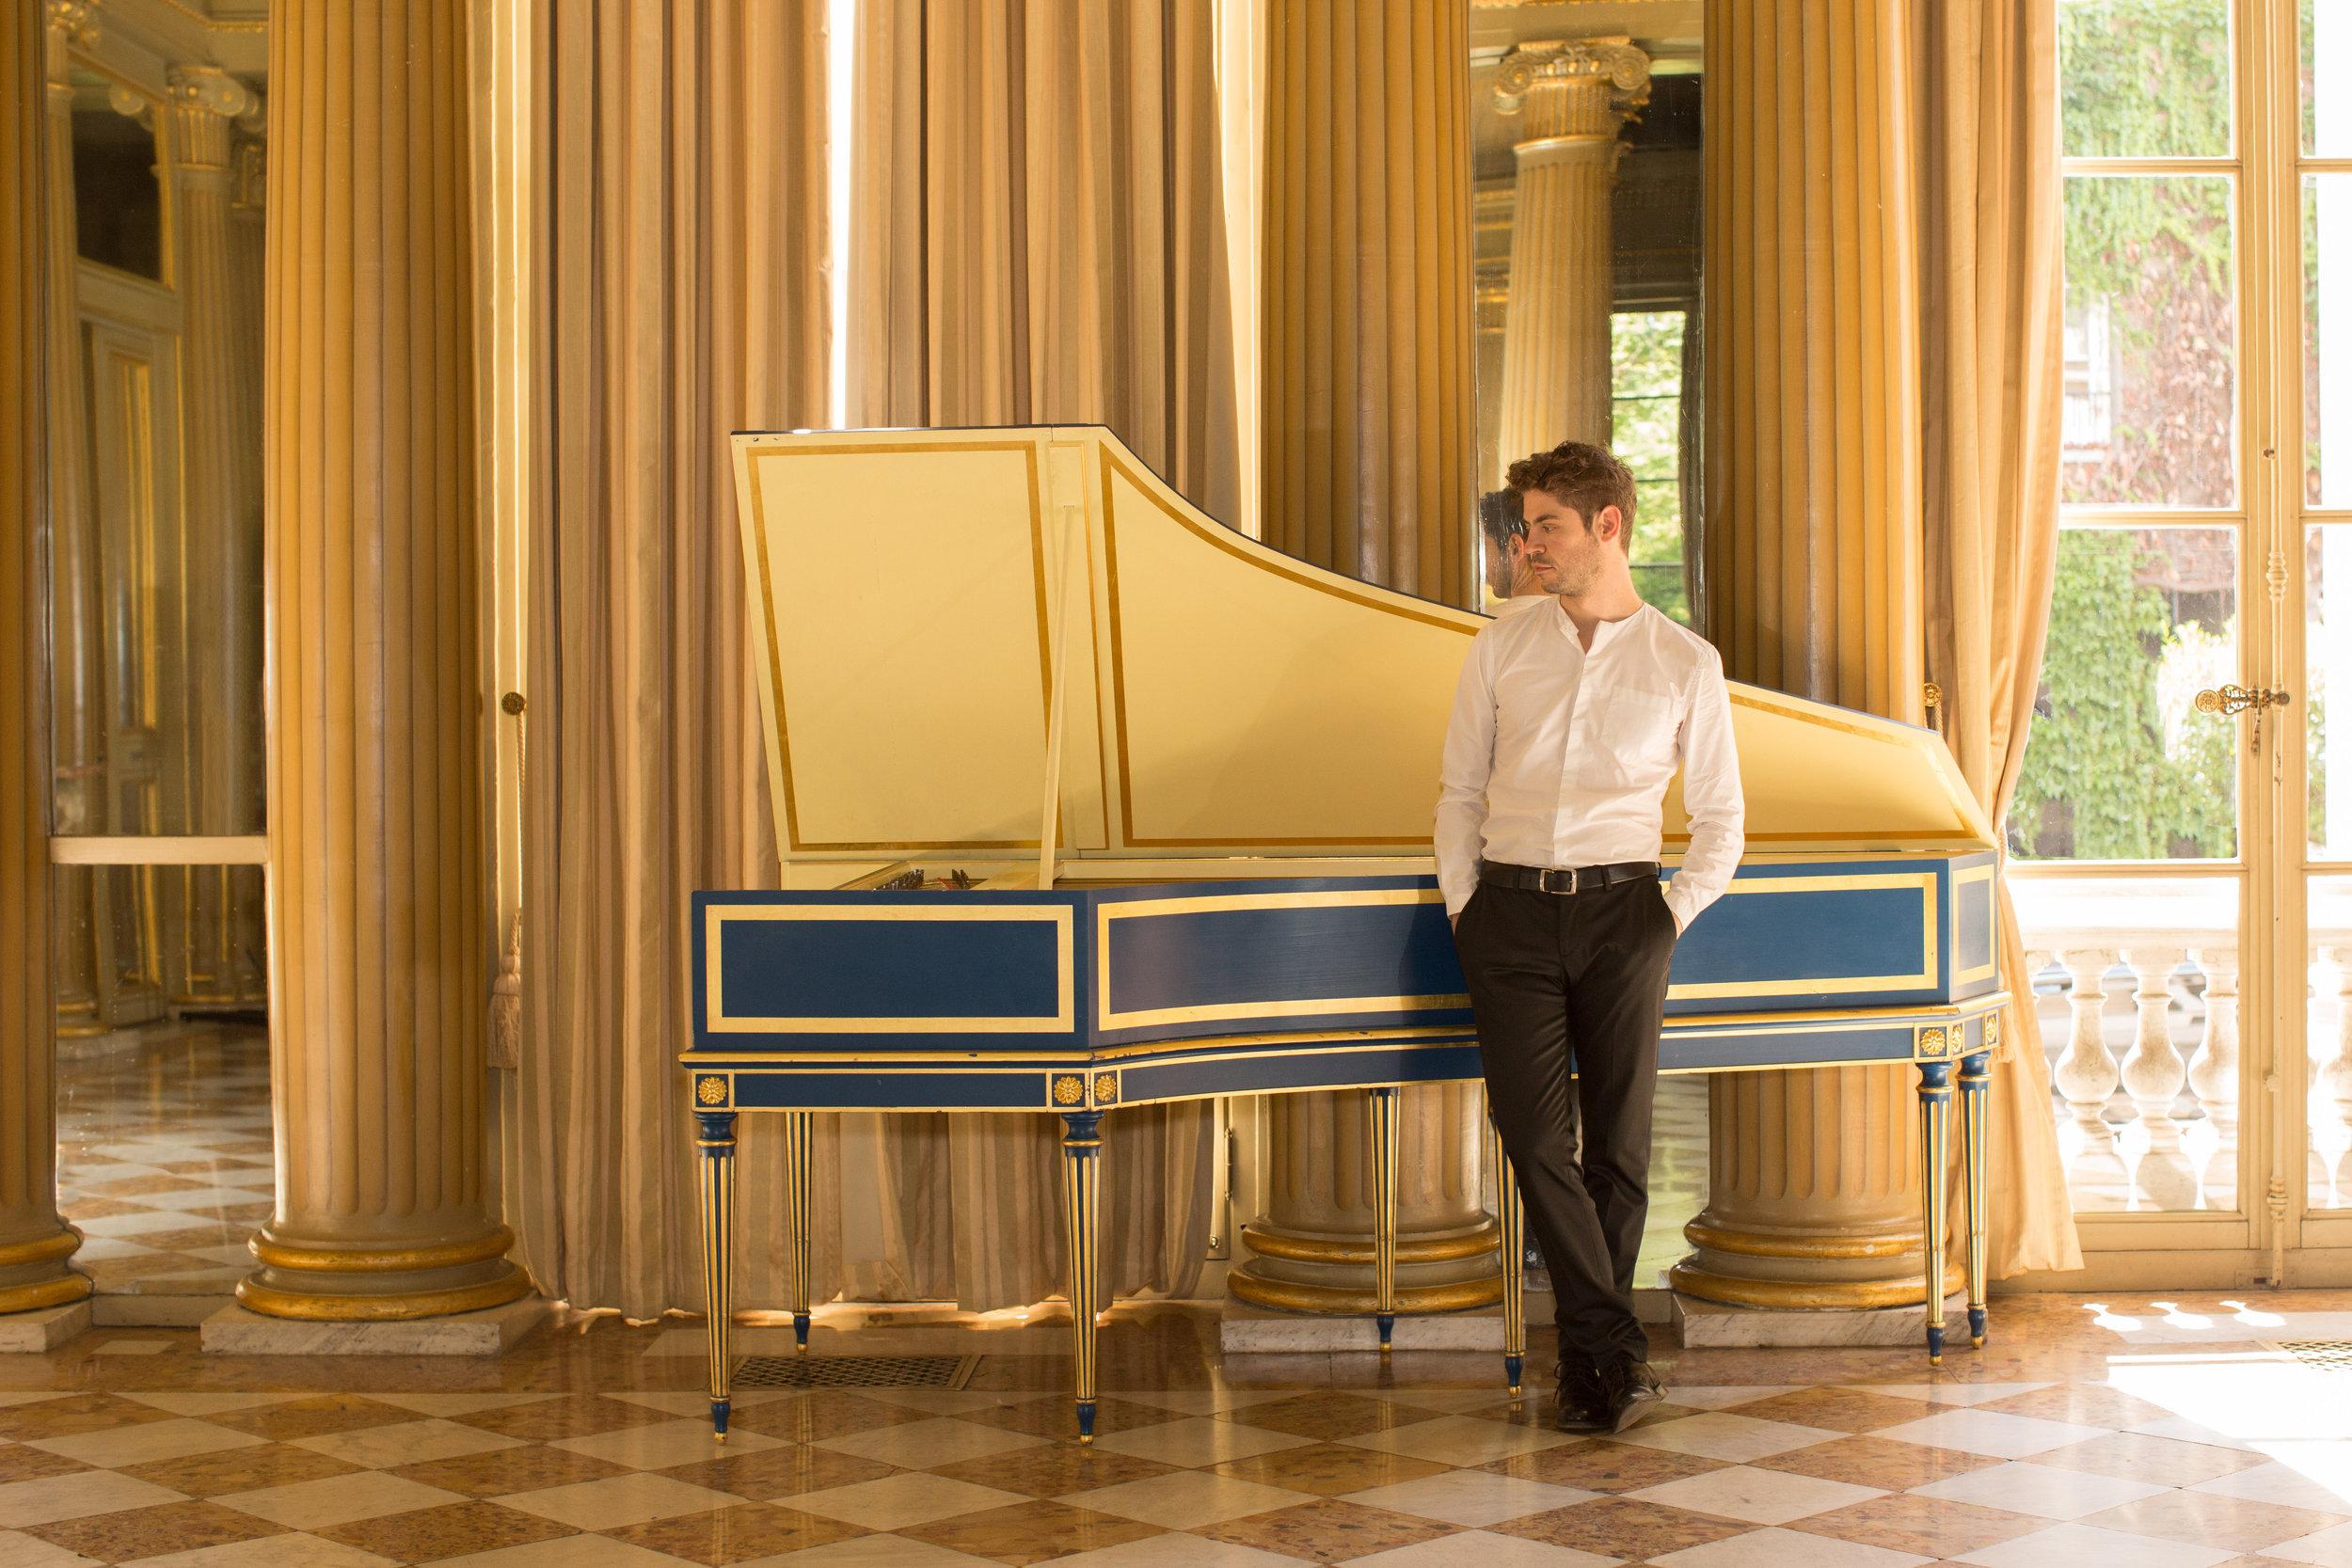 Entretien avec Paolo Zanzu. Recr�er la musique europ�enne du XVIIIe s.